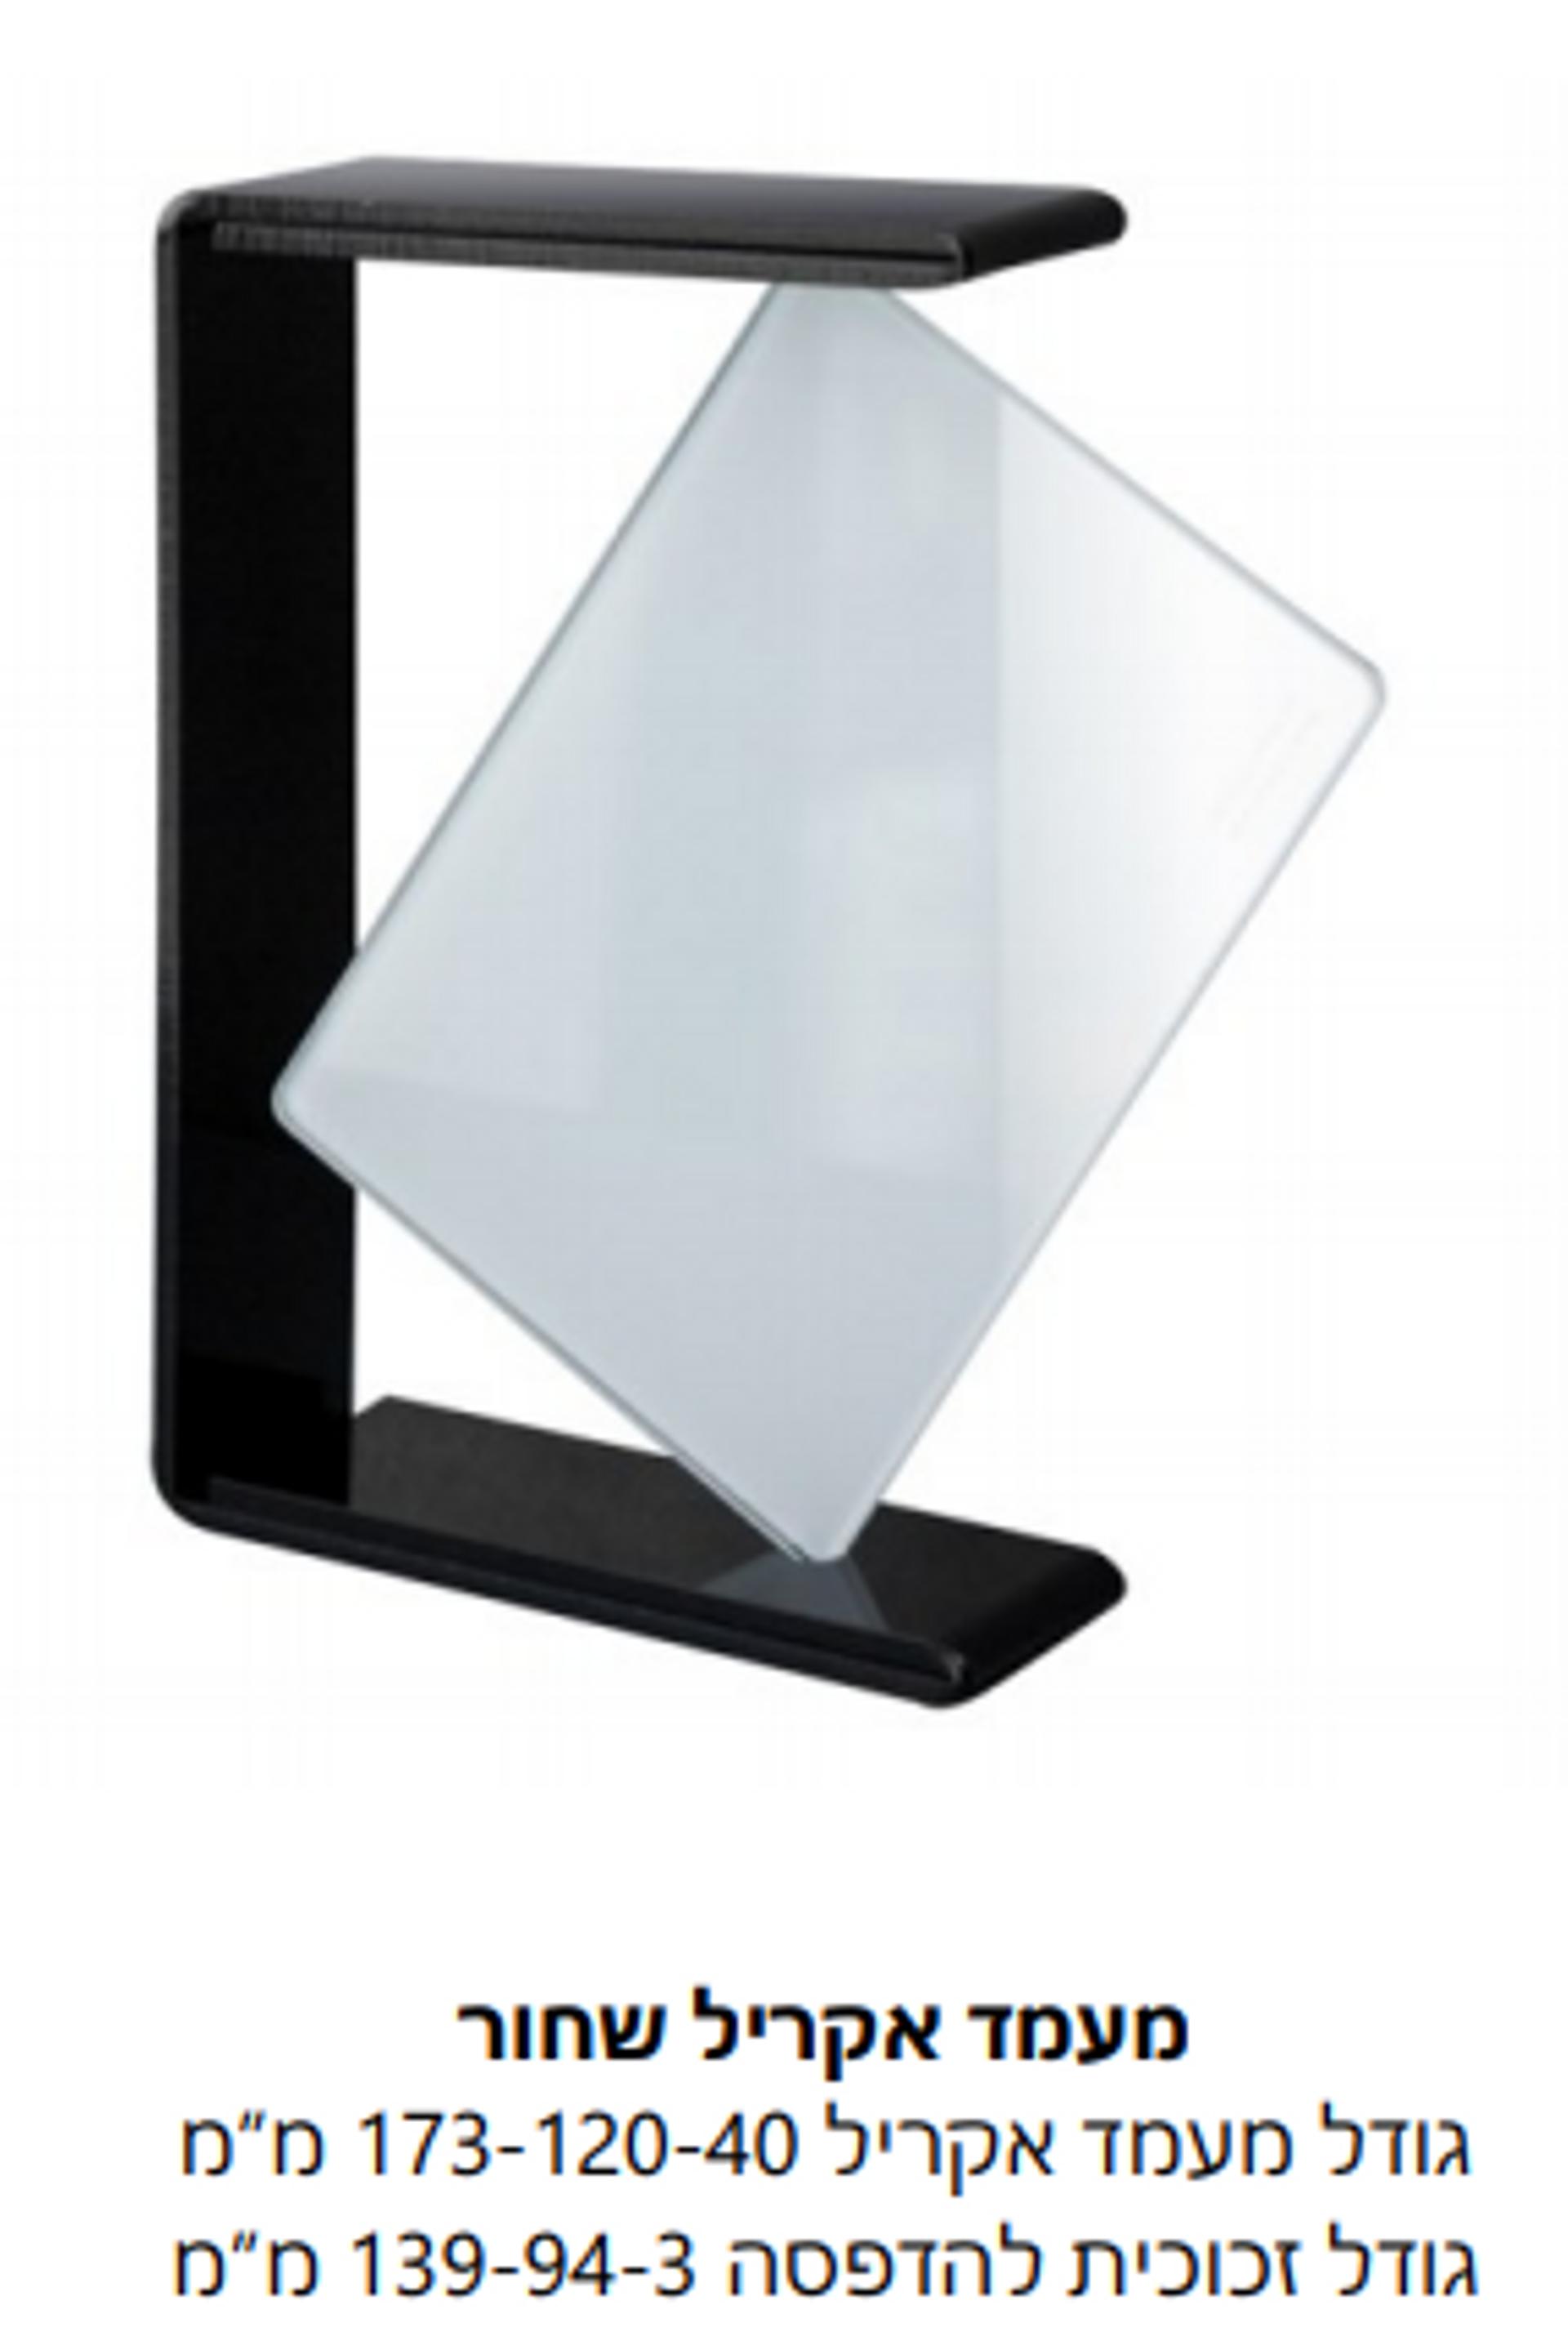 מגן זכוכית מסתובב מלבני איכותי עם הדפסת תמונה.